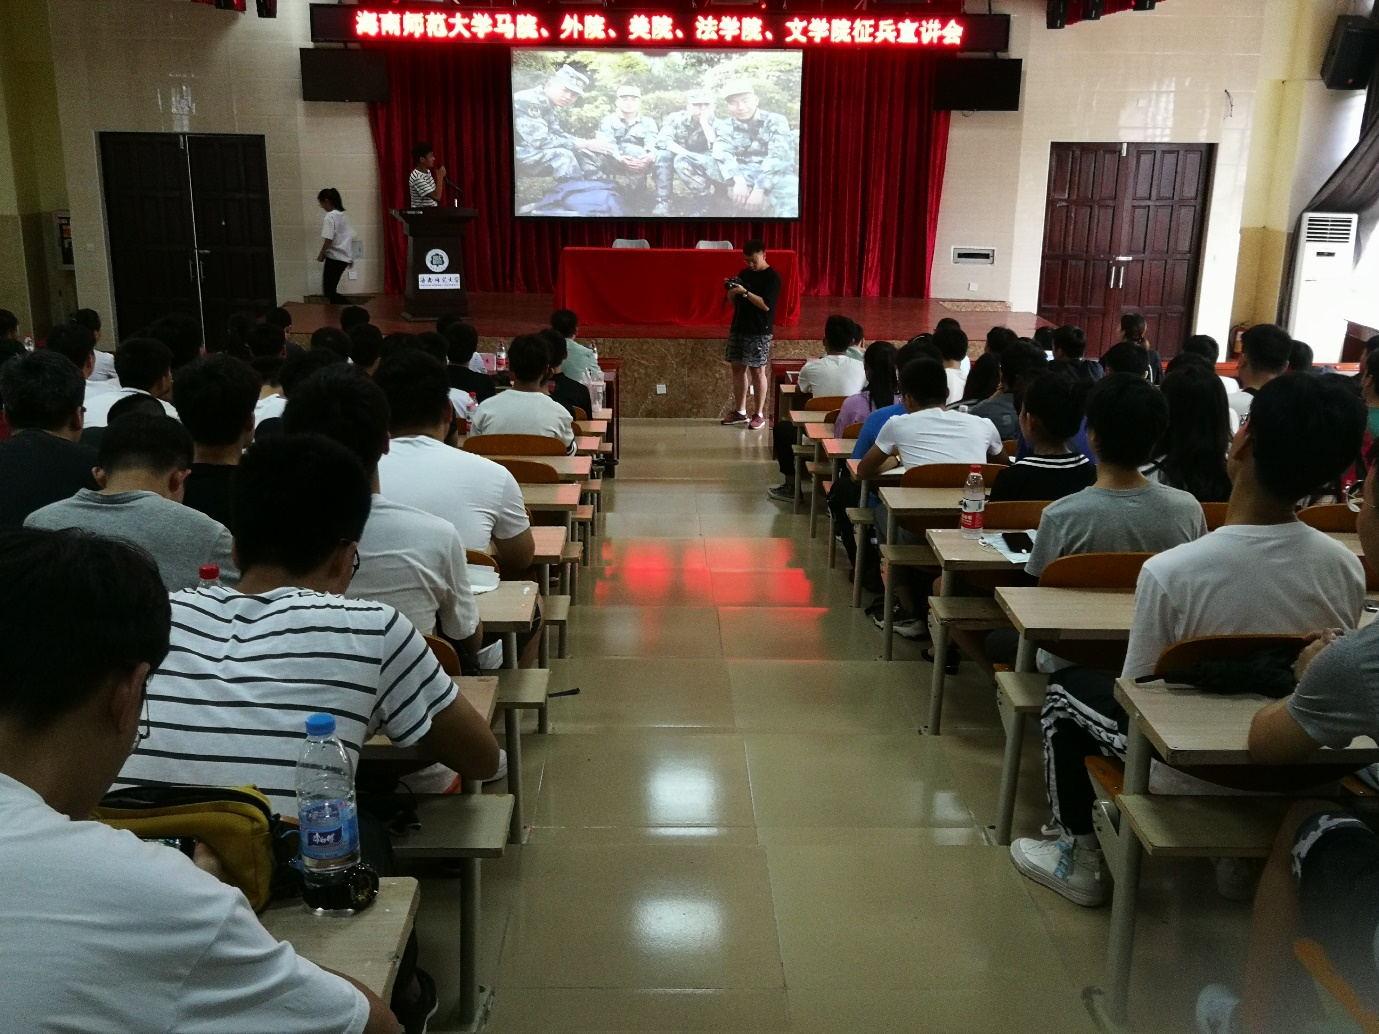 海南师范大学马克思主义学院、外国语学院、美术学院、法学院、文学院征兵宣传会